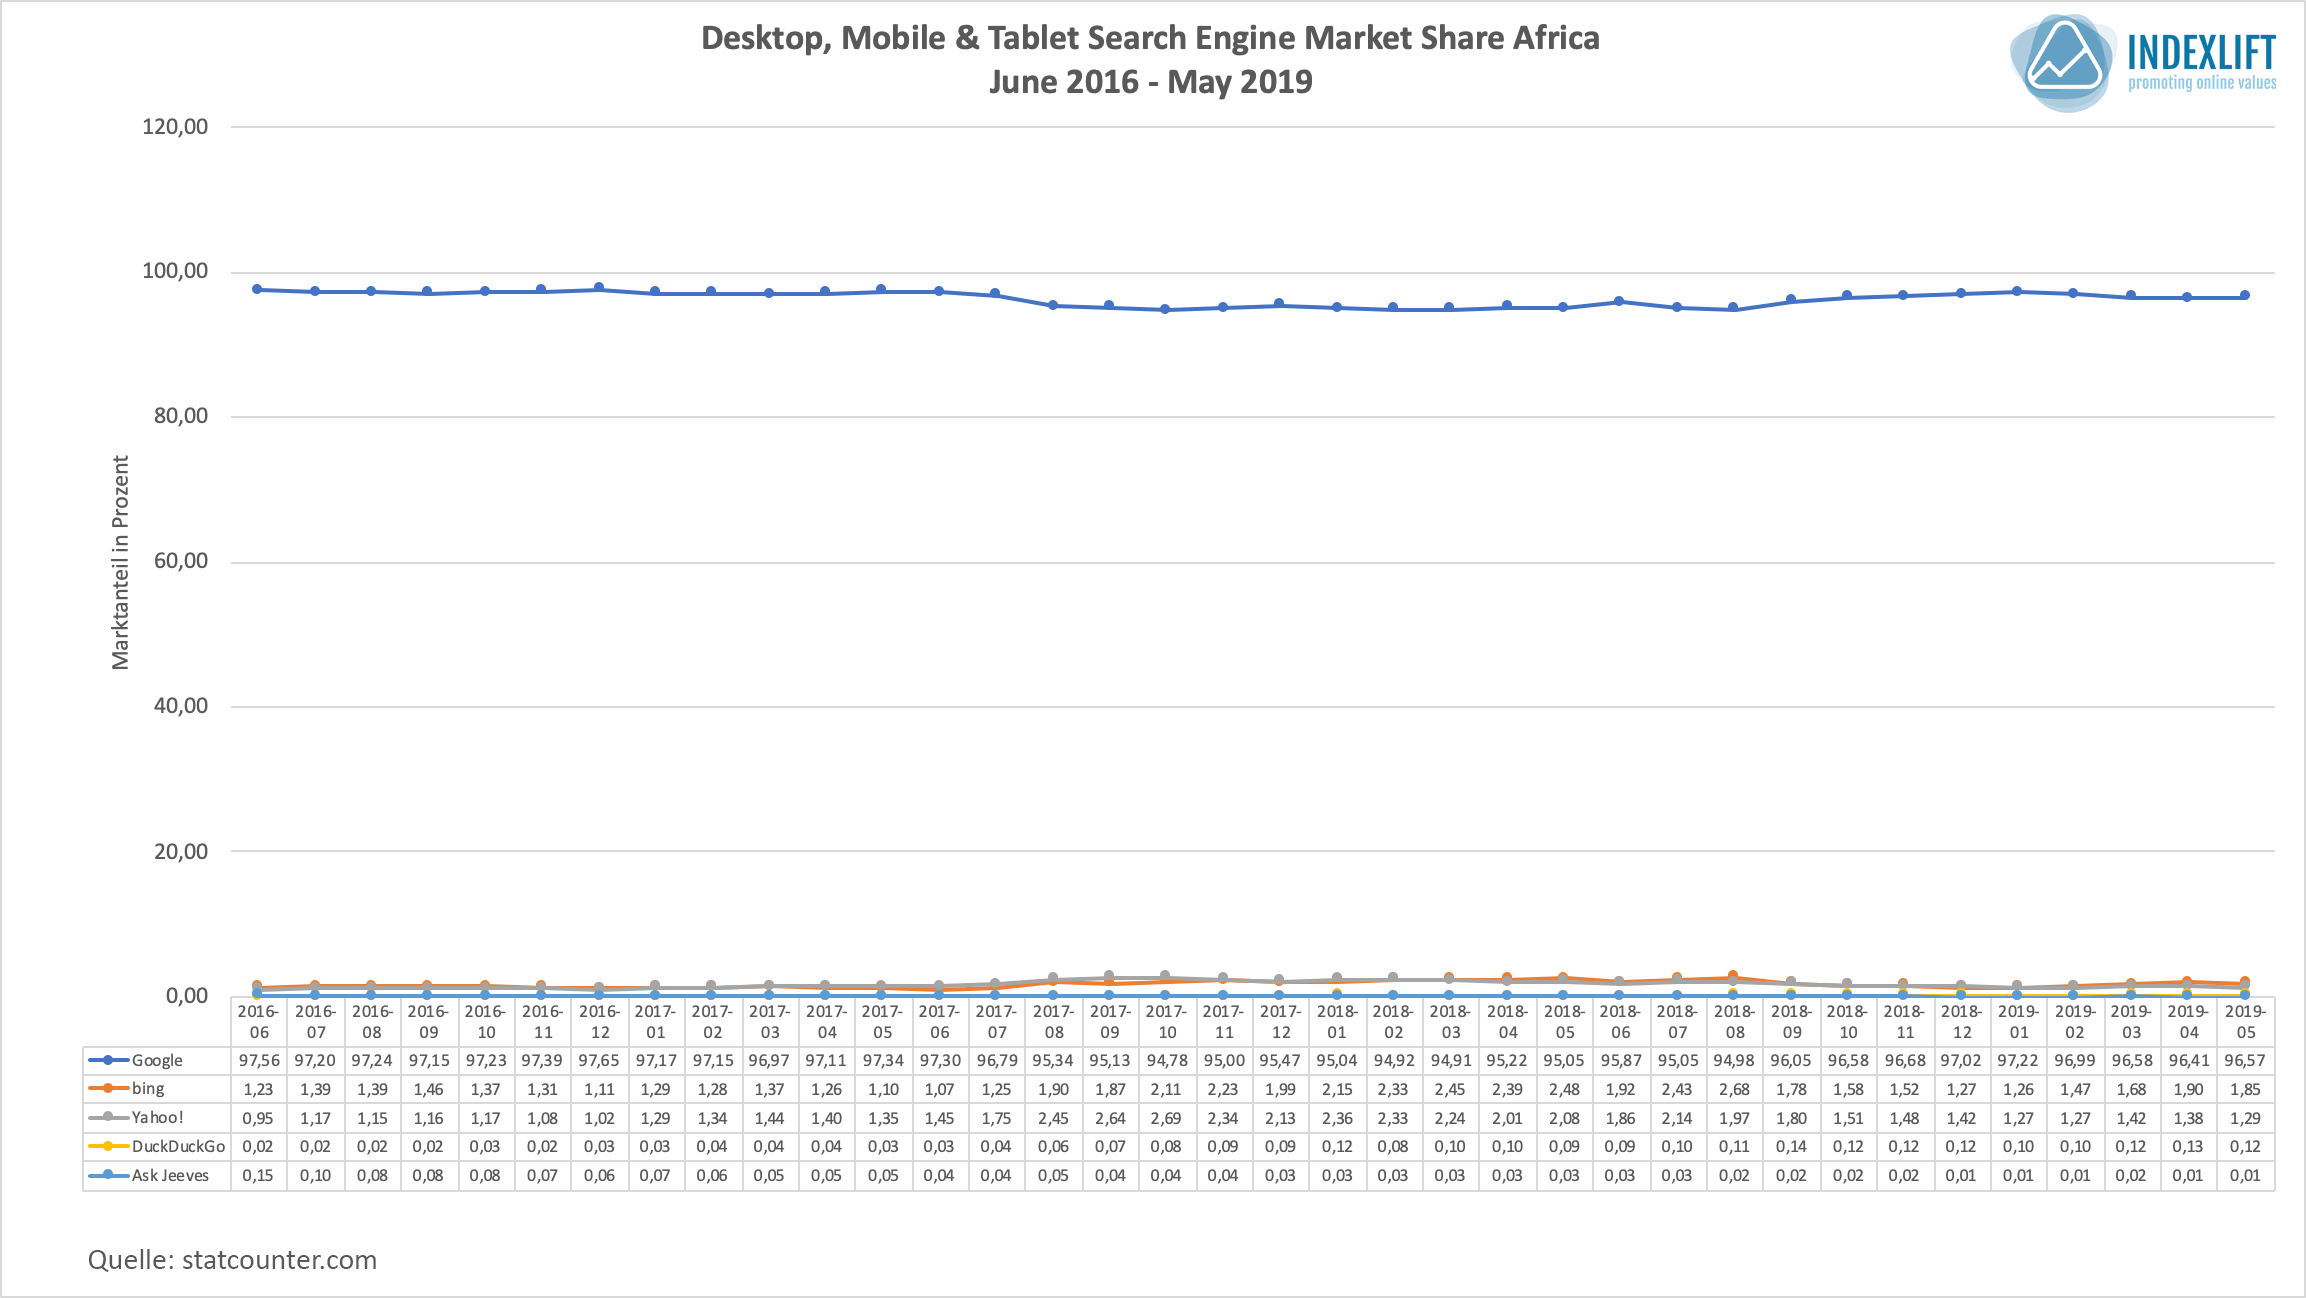 Marktanteile Suchmaschinen - Verteilung in Afrika